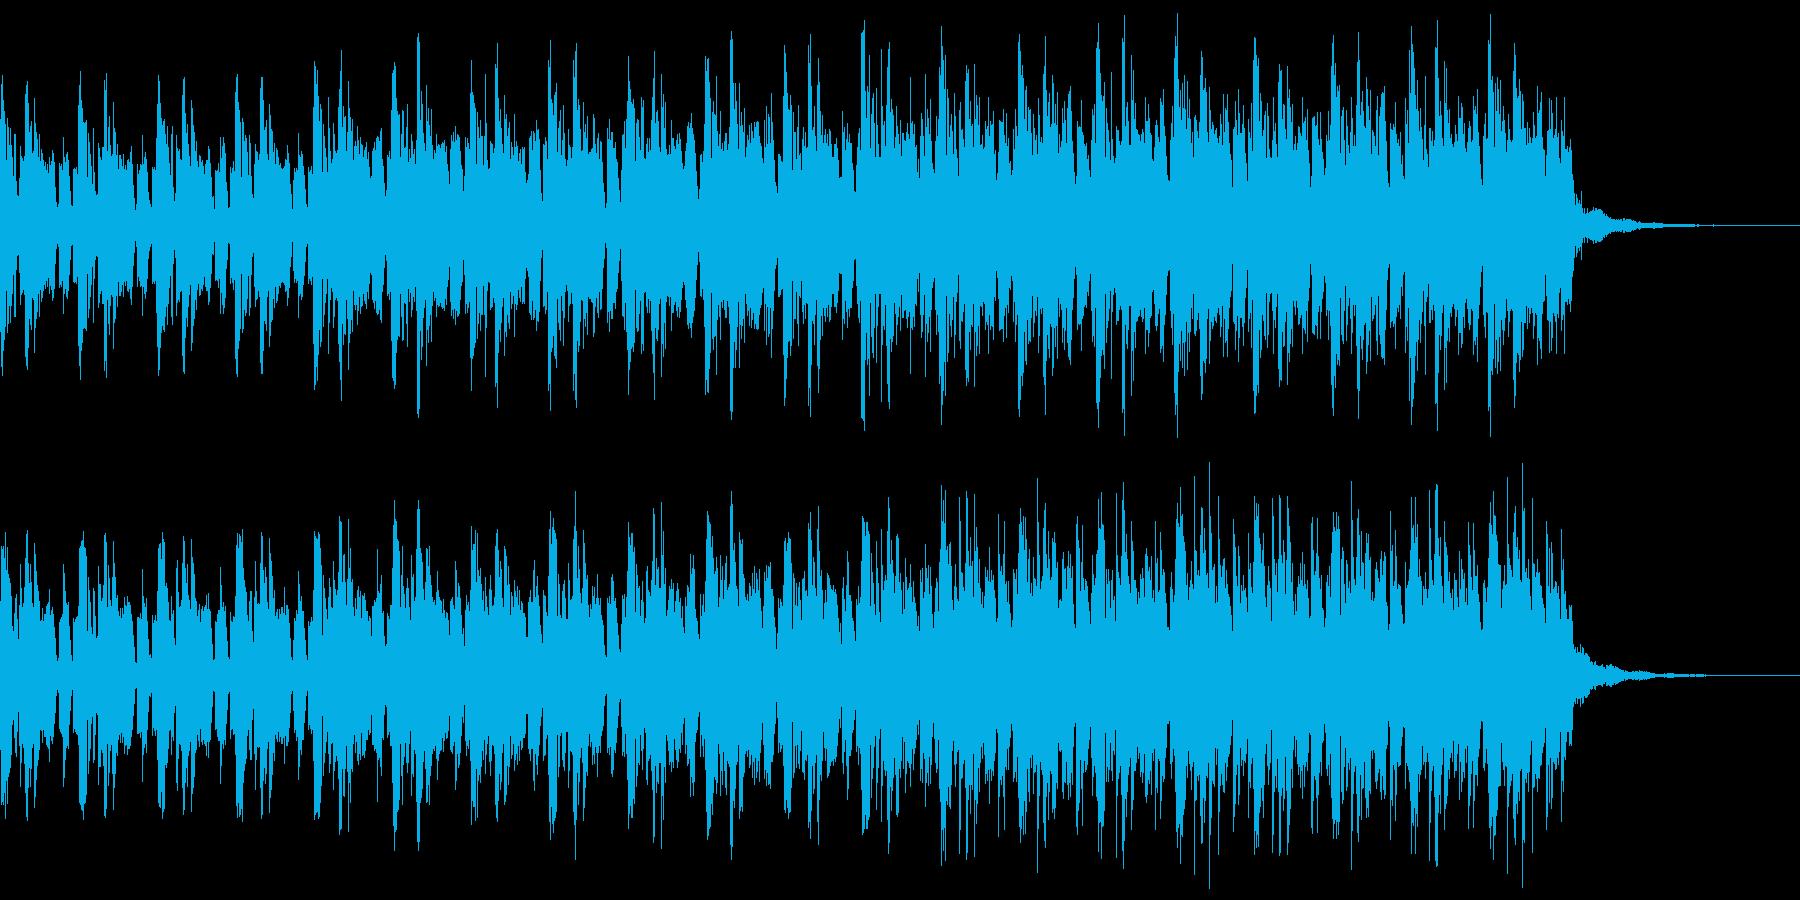 クールな場面のヒップホップのピアノの再生済みの波形